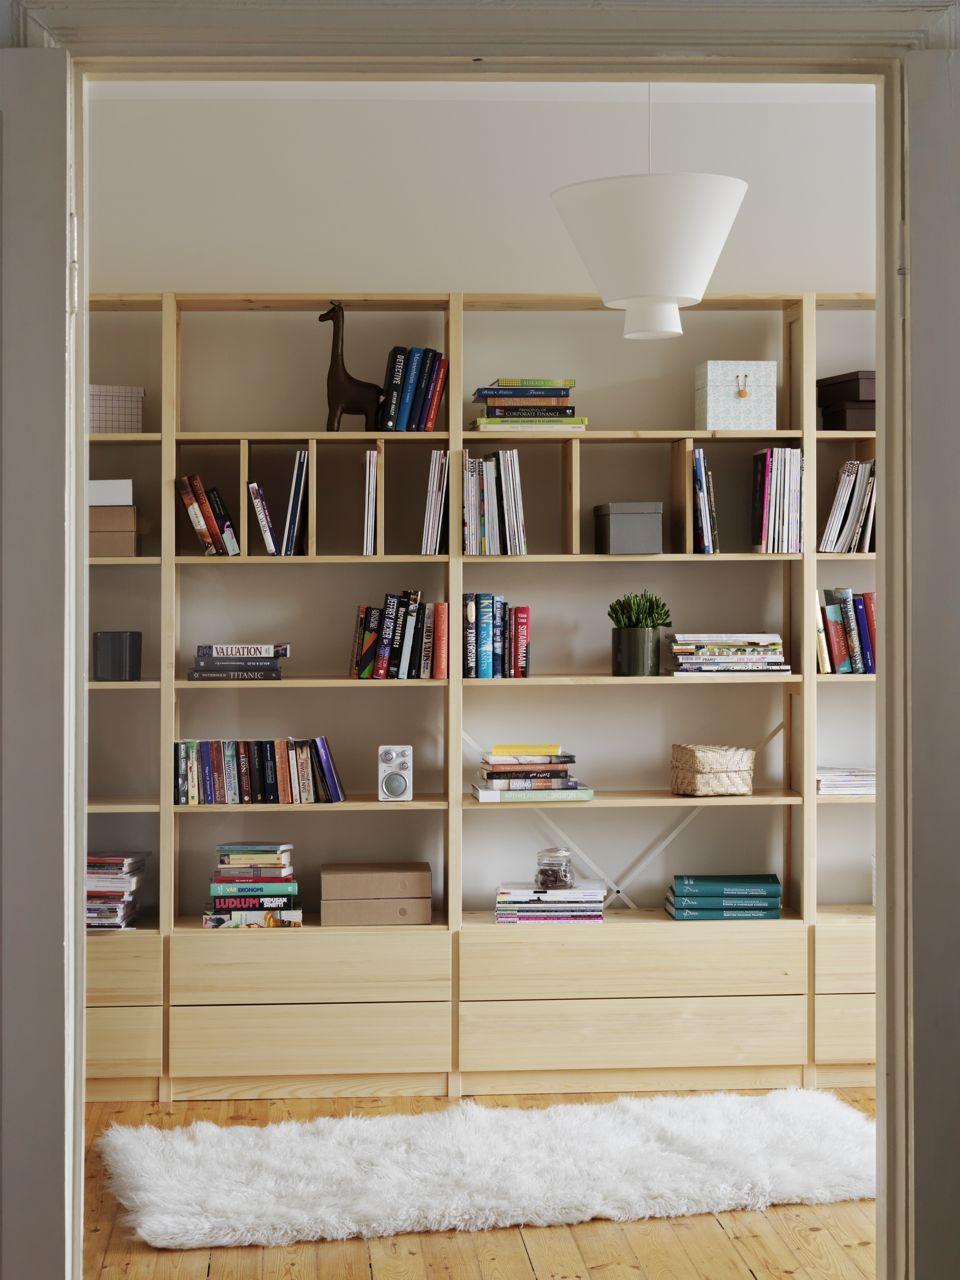 Lundia classic bookshelfs estanter a sal n muebles y decoracion de muebles - Estanterias guardar juguetes ...